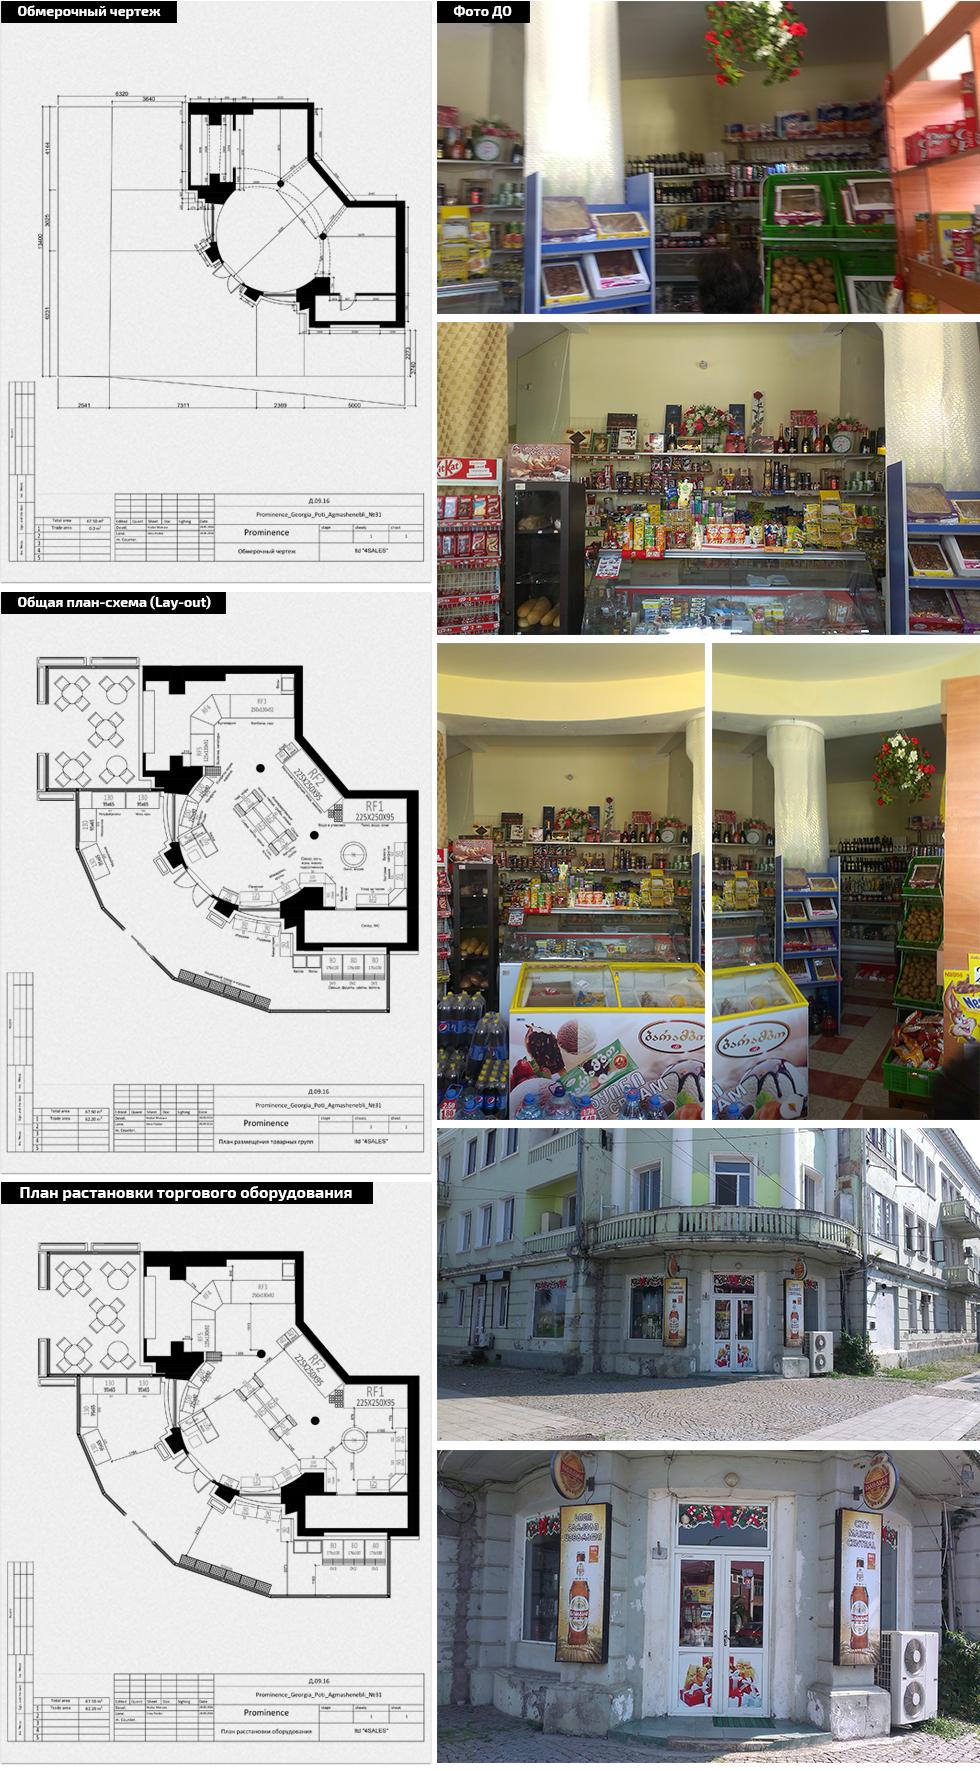 მაღაზიი პროექტირება და დიზაინი